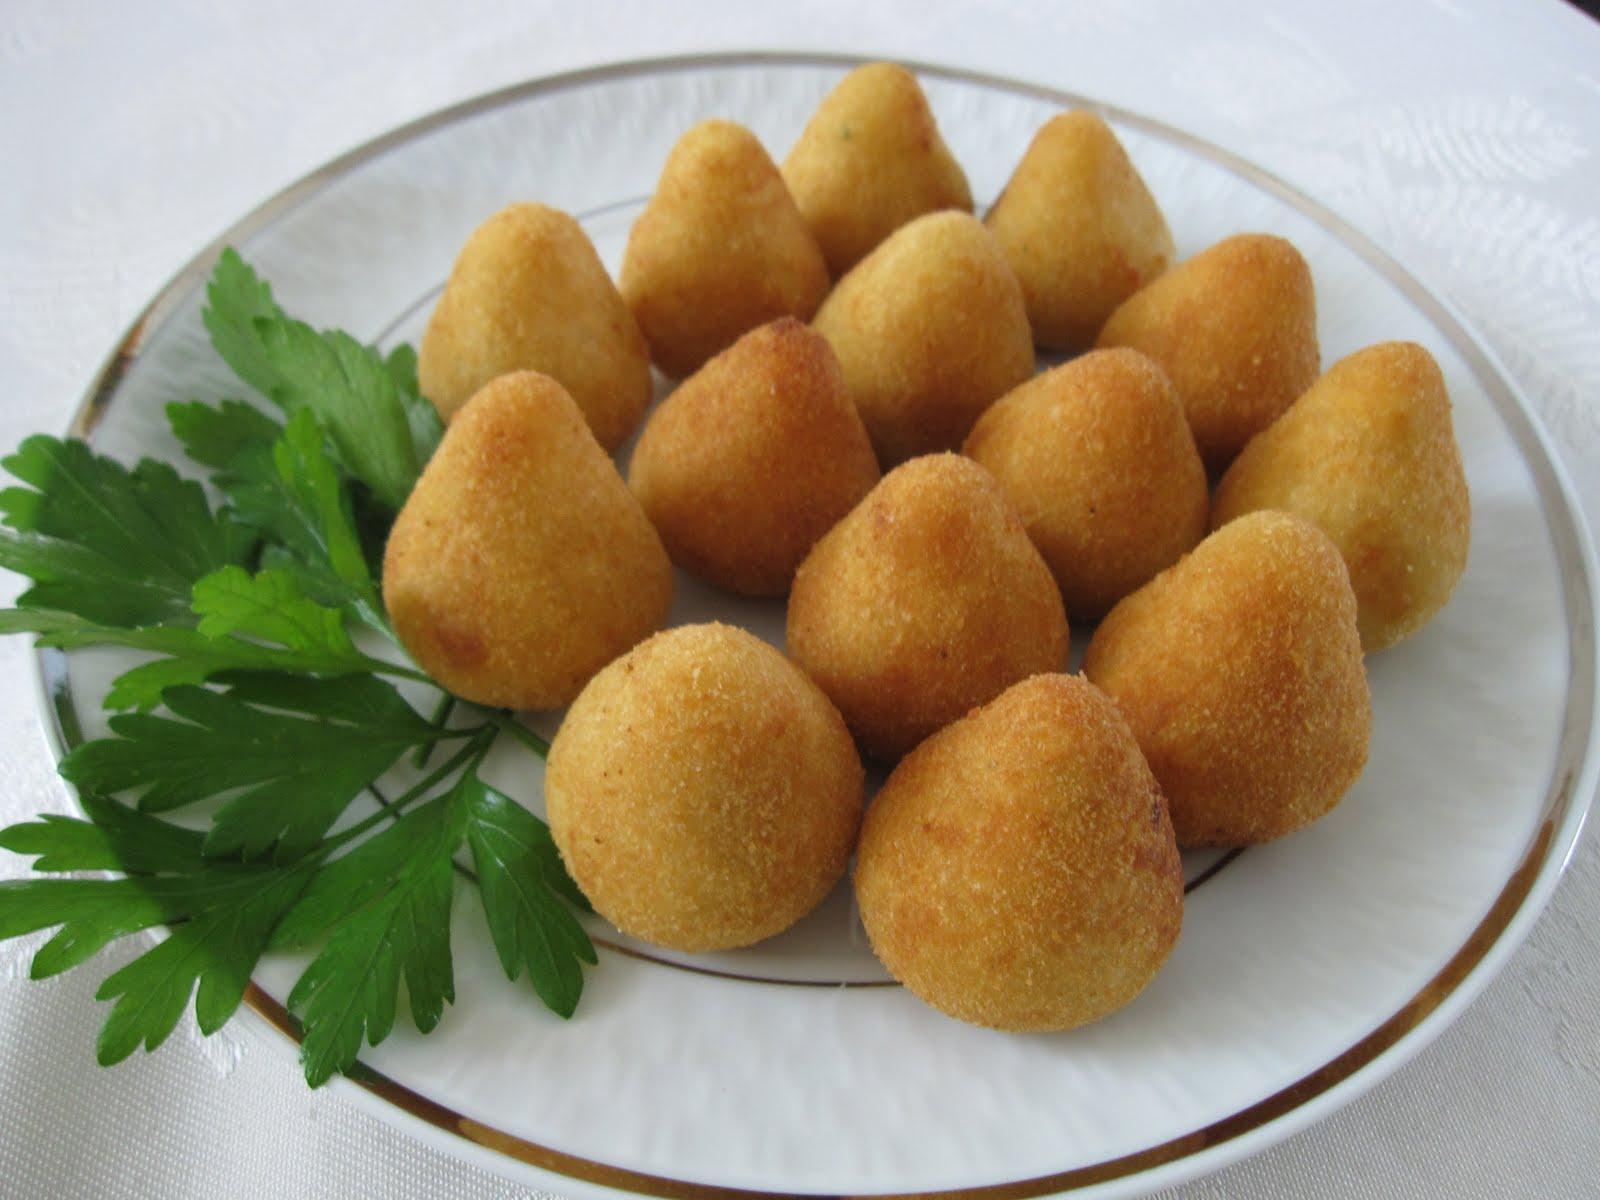 Receita de coxinha de mandioca assada caseira simplesmente deliciosa